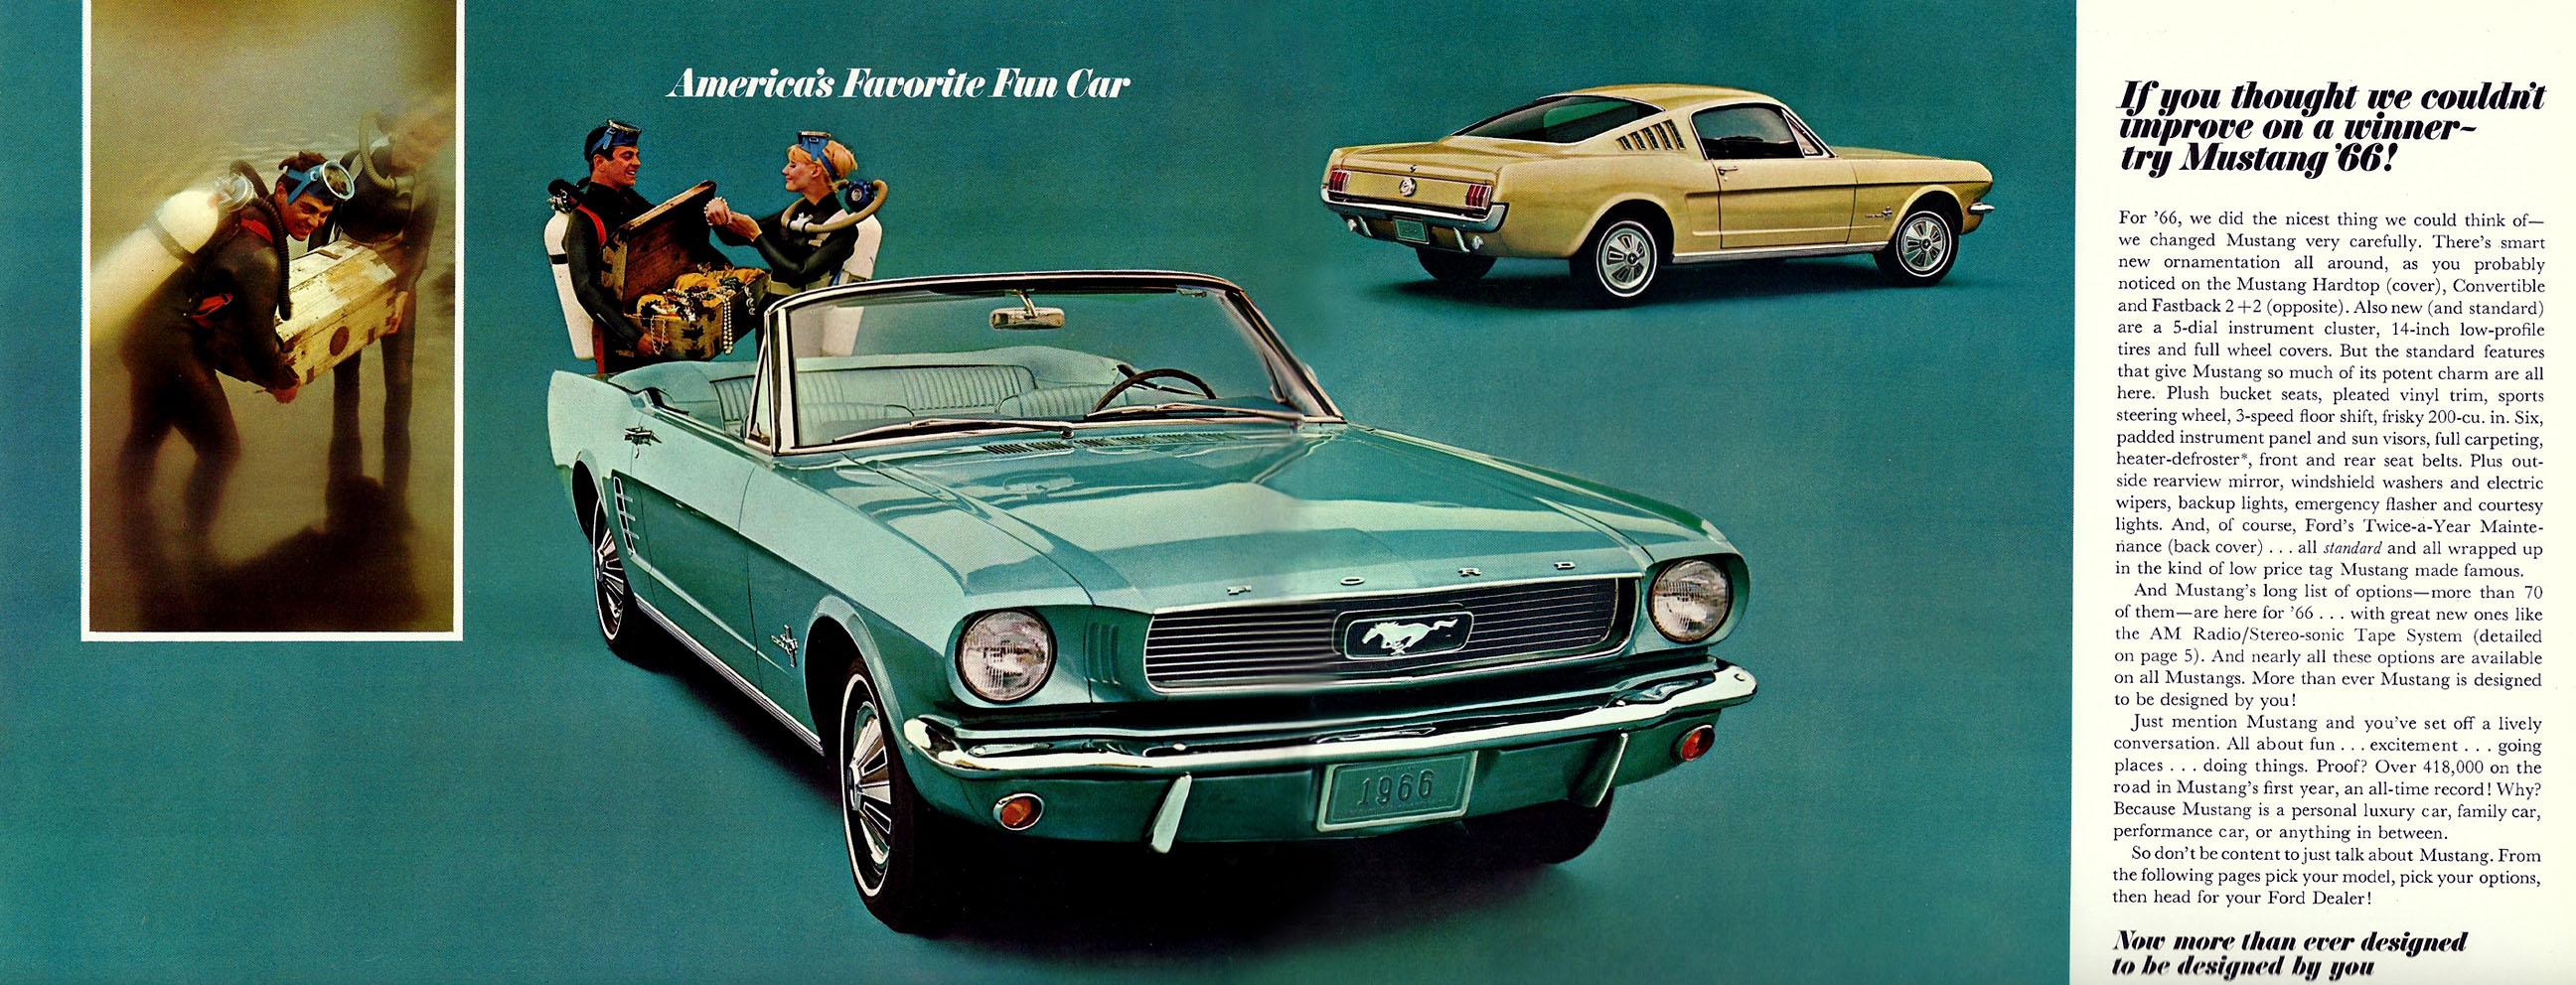 1966 Mustang Prospekt Seite 2-3